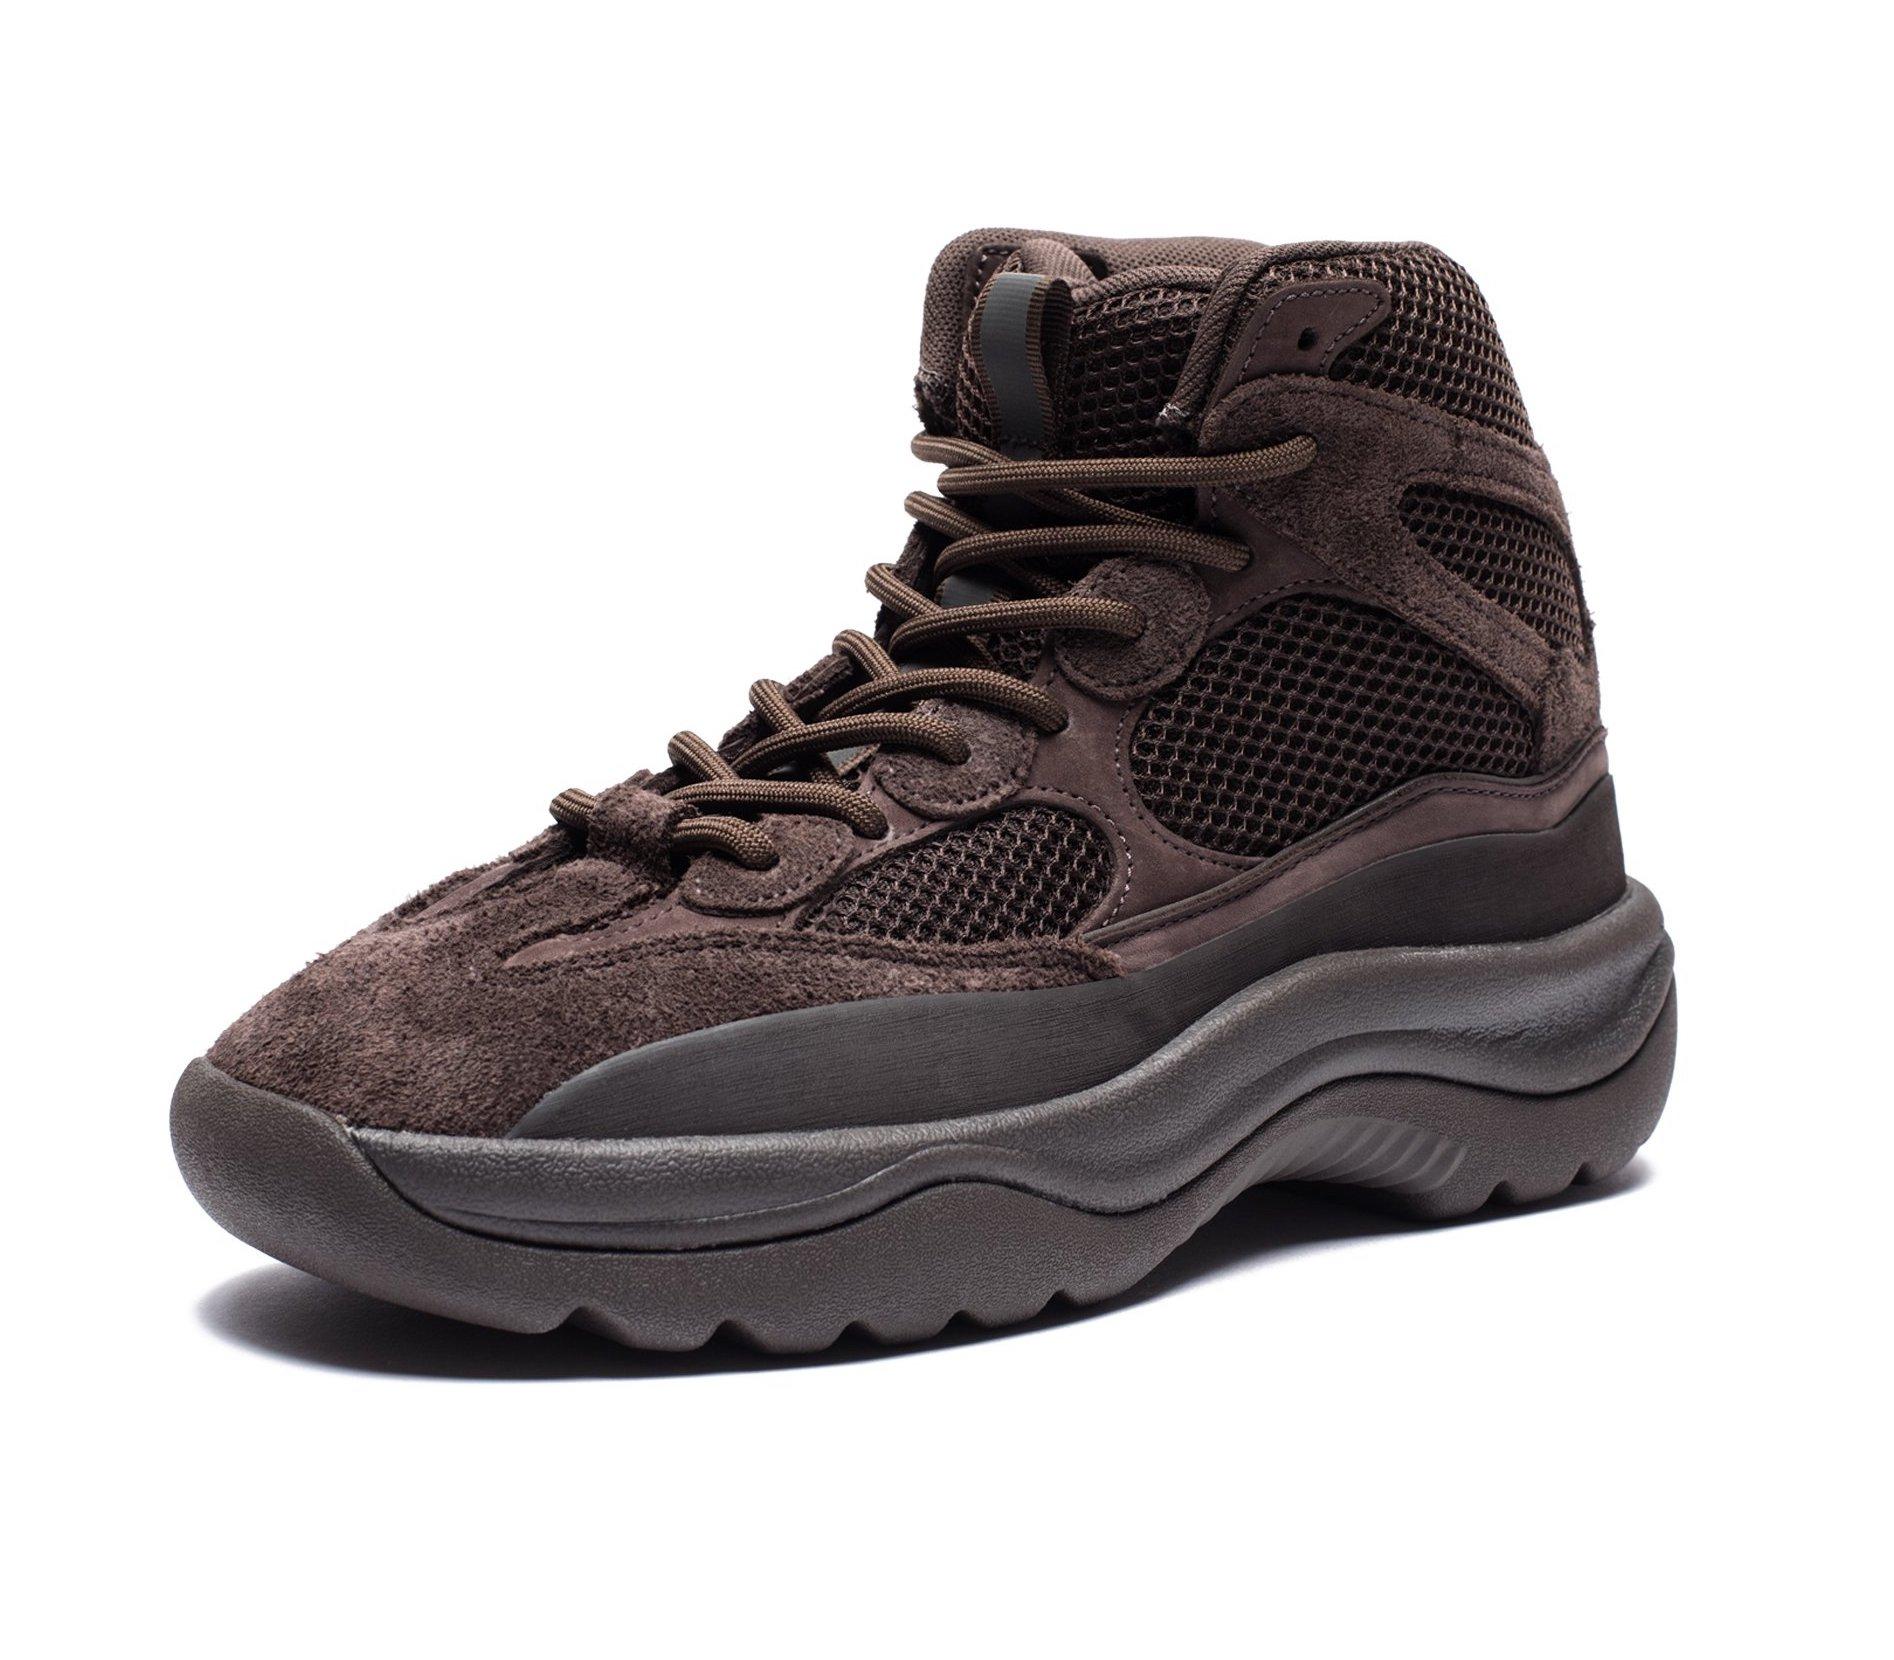 453b5e0e24c On Sale: Yeezy Desert Boot